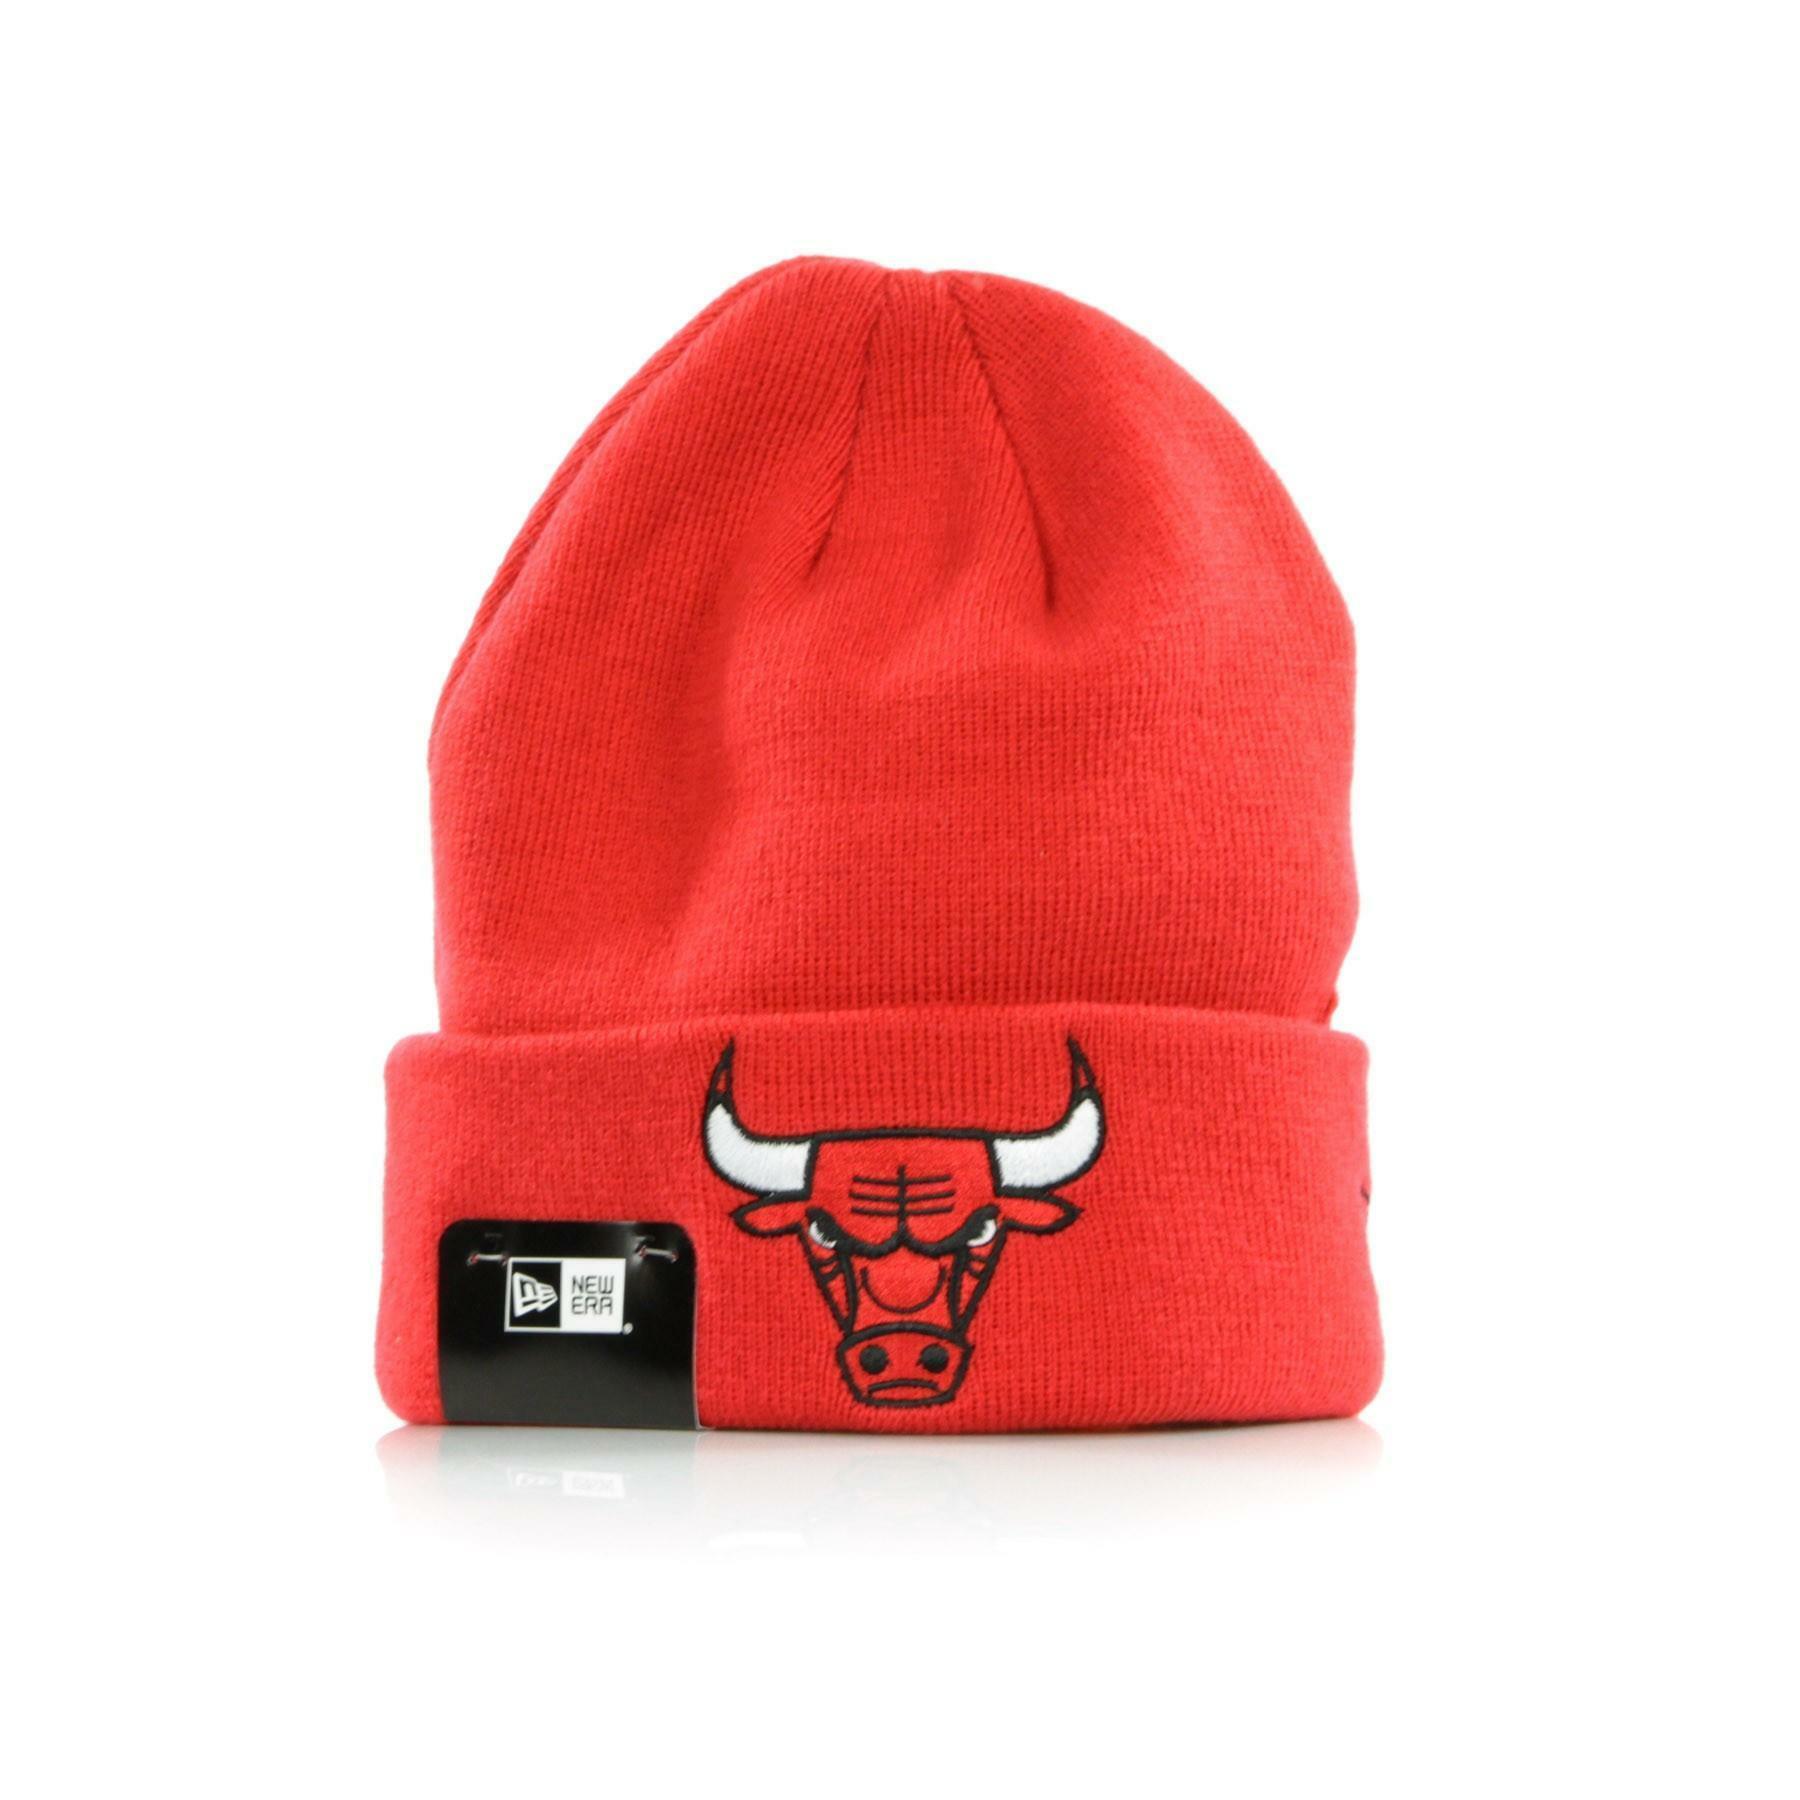 new era new era cappello unisex 11794613 rosso